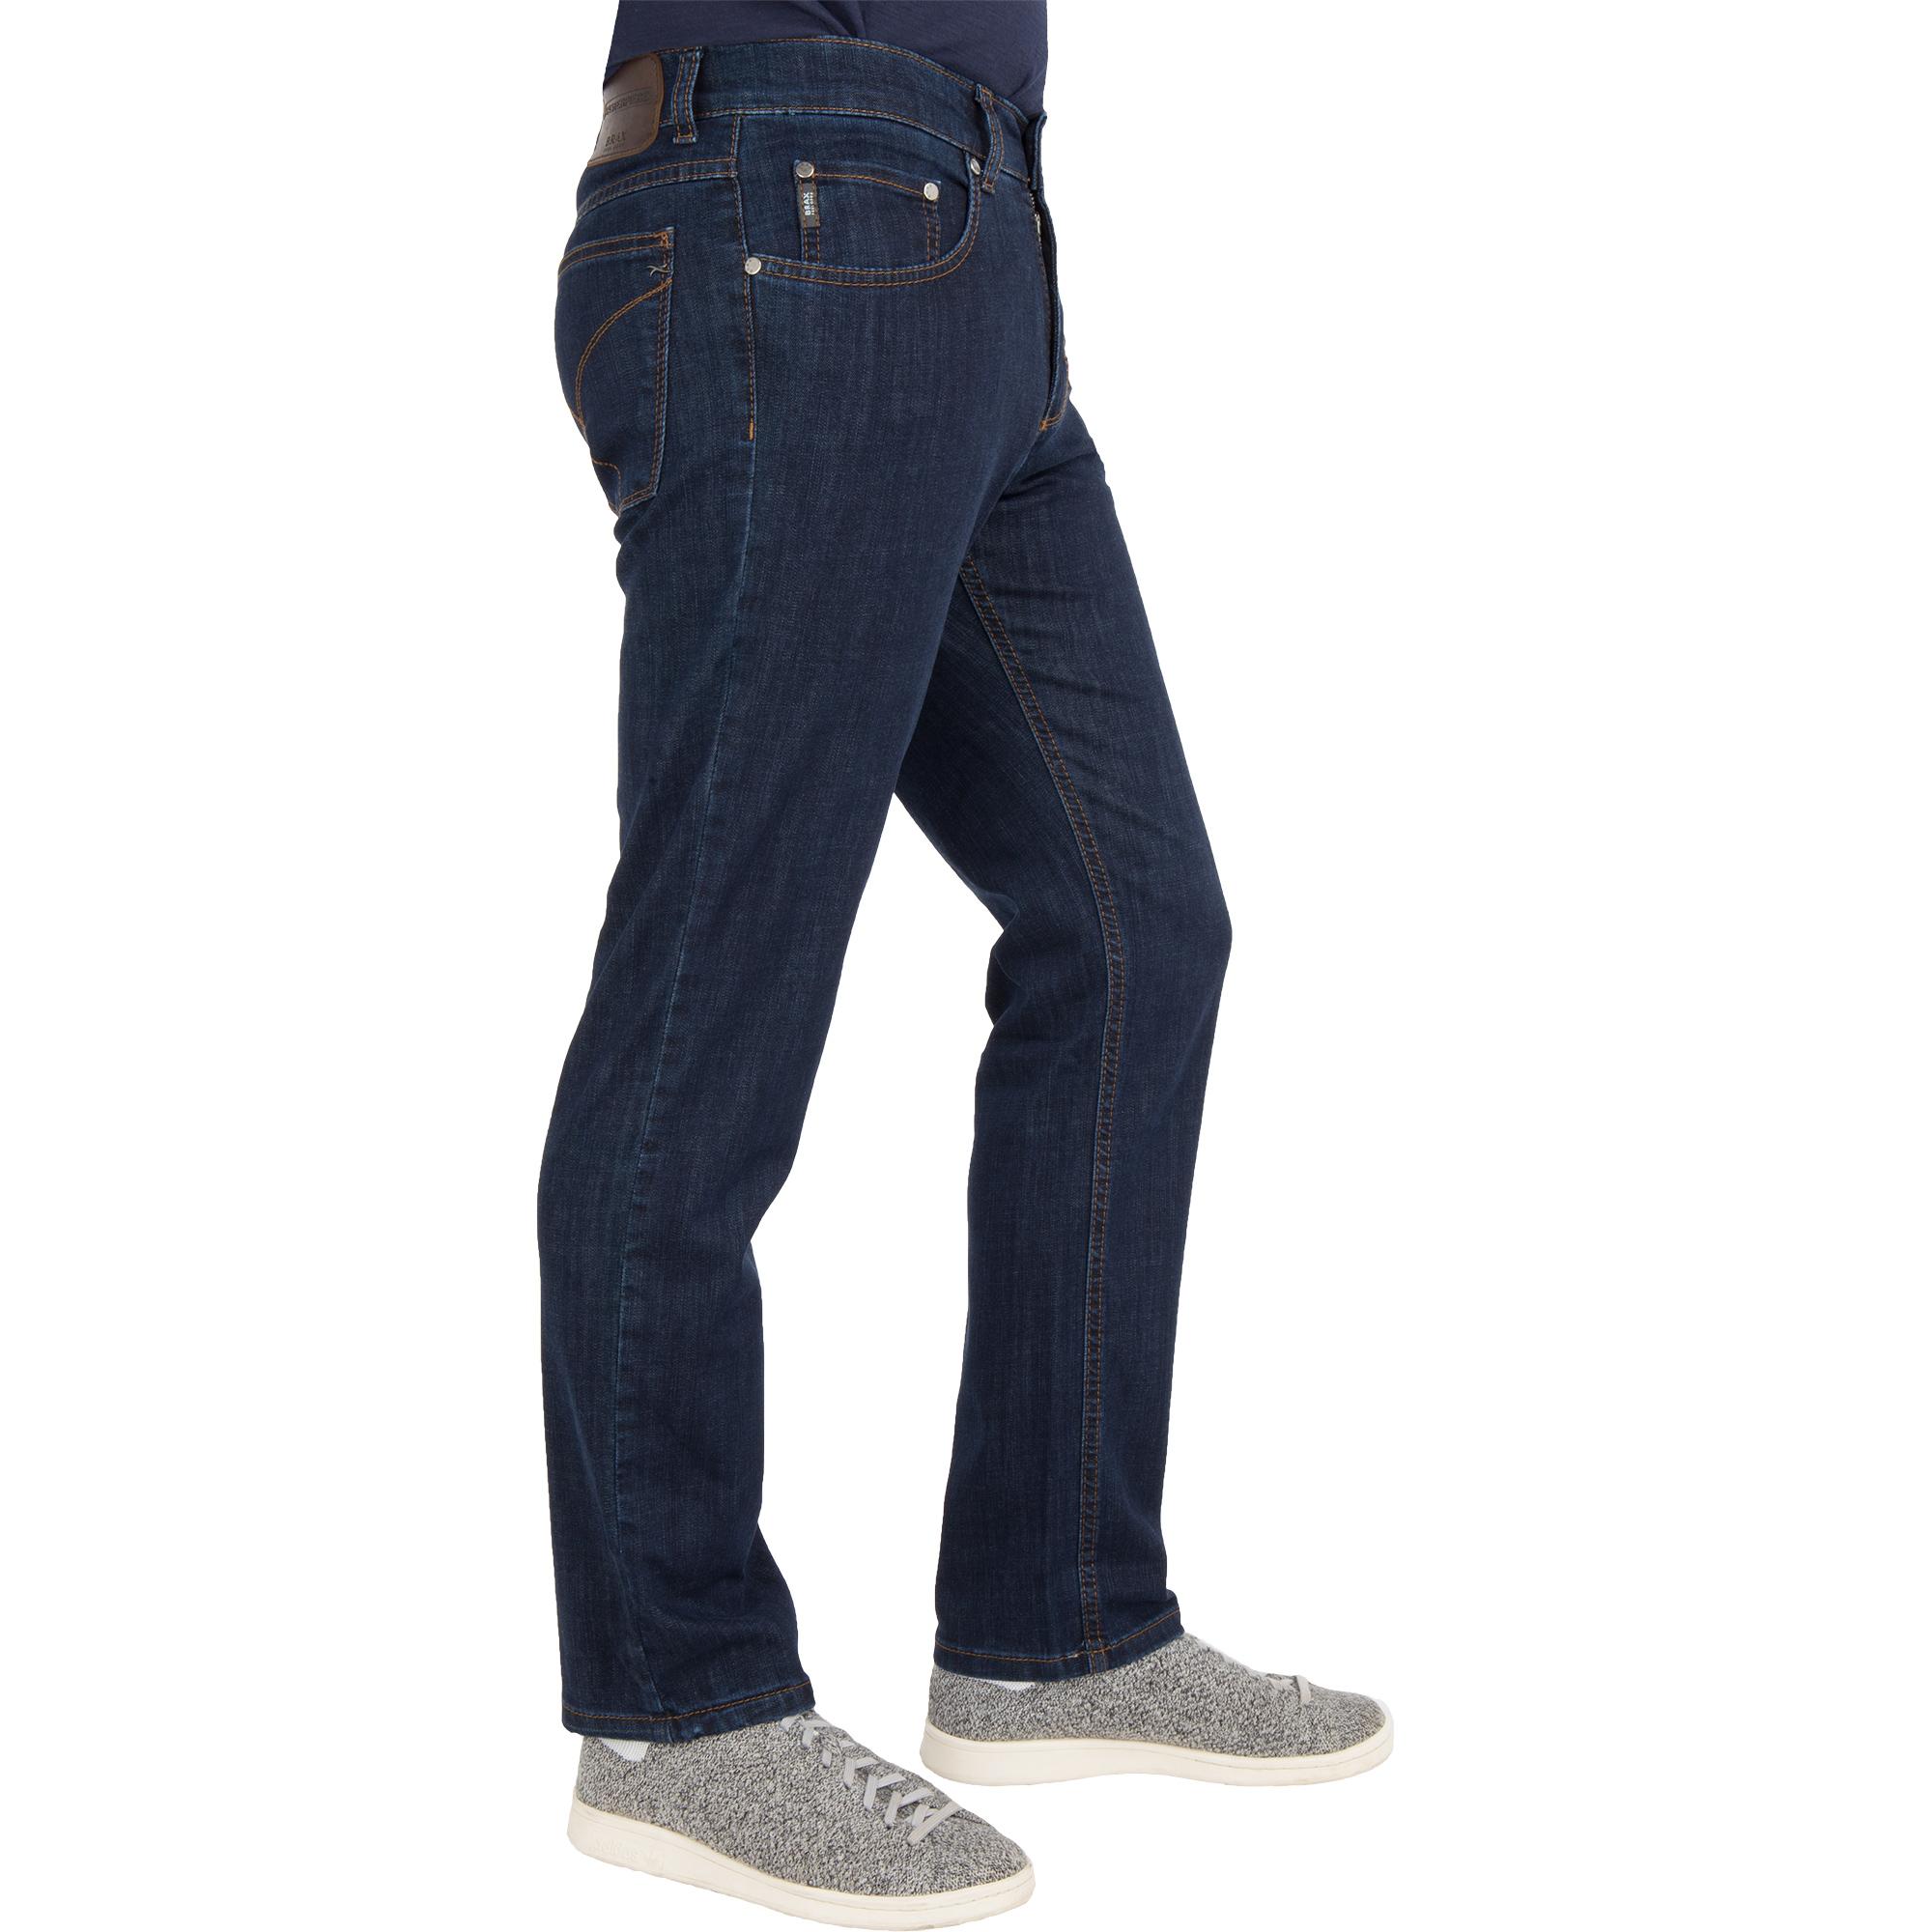 brax herren jeans cooper denim regular fit blue black brax. Black Bedroom Furniture Sets. Home Design Ideas